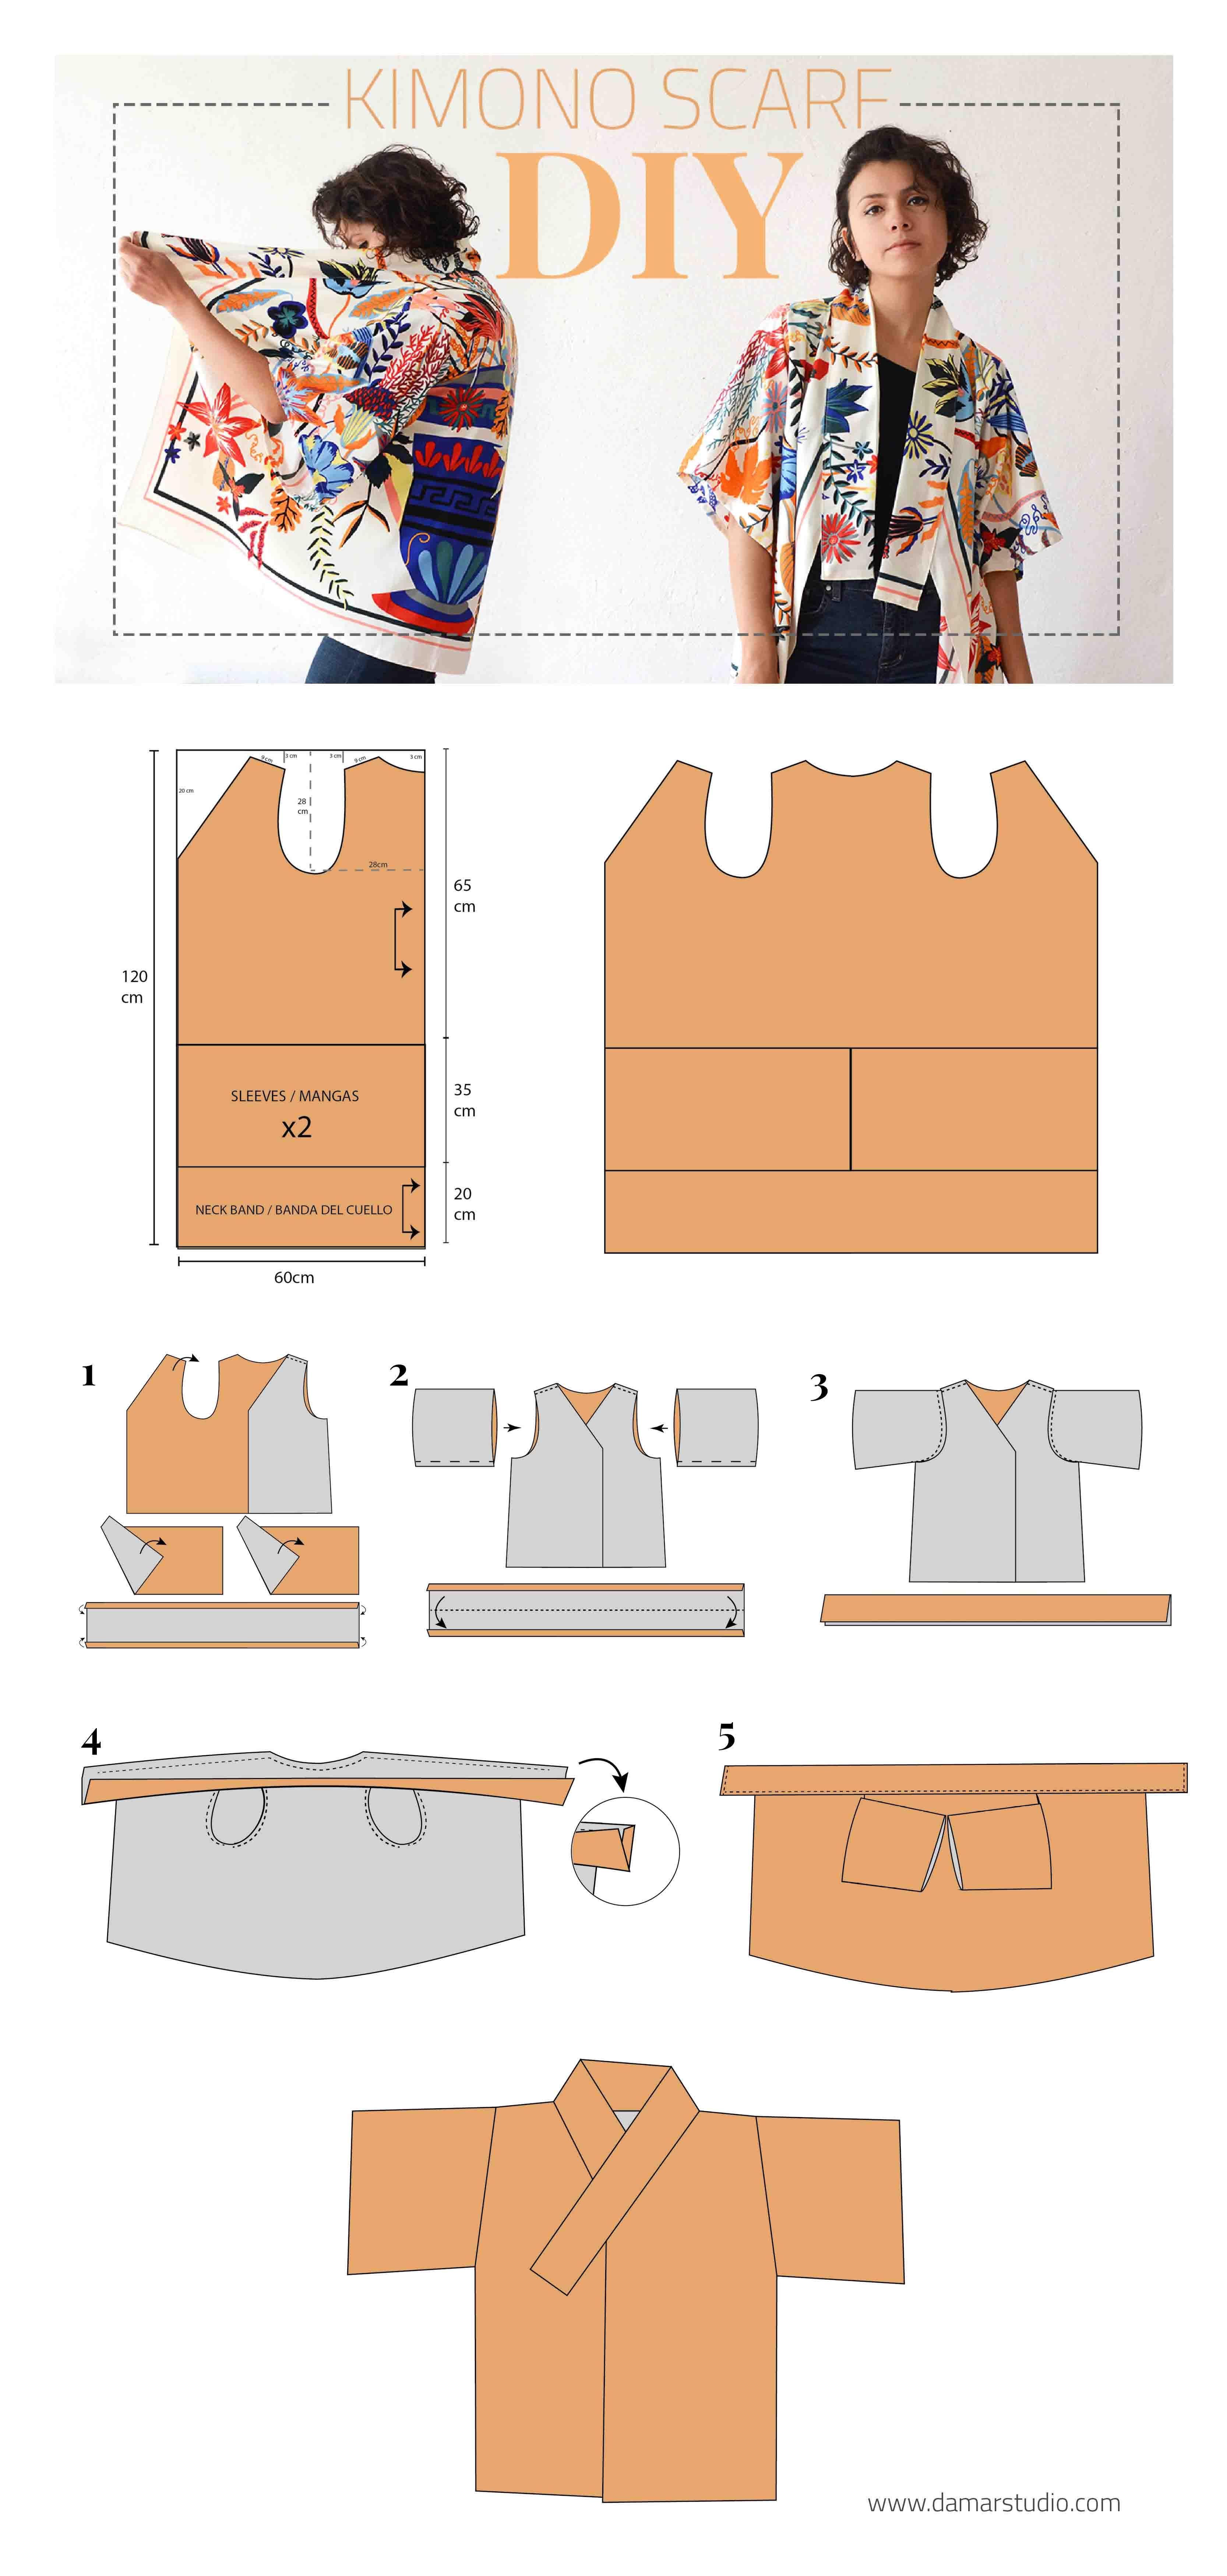 COMO HACER UN KIMONO CON UNA BUFANDA - sewing - upcycling - pattern ...